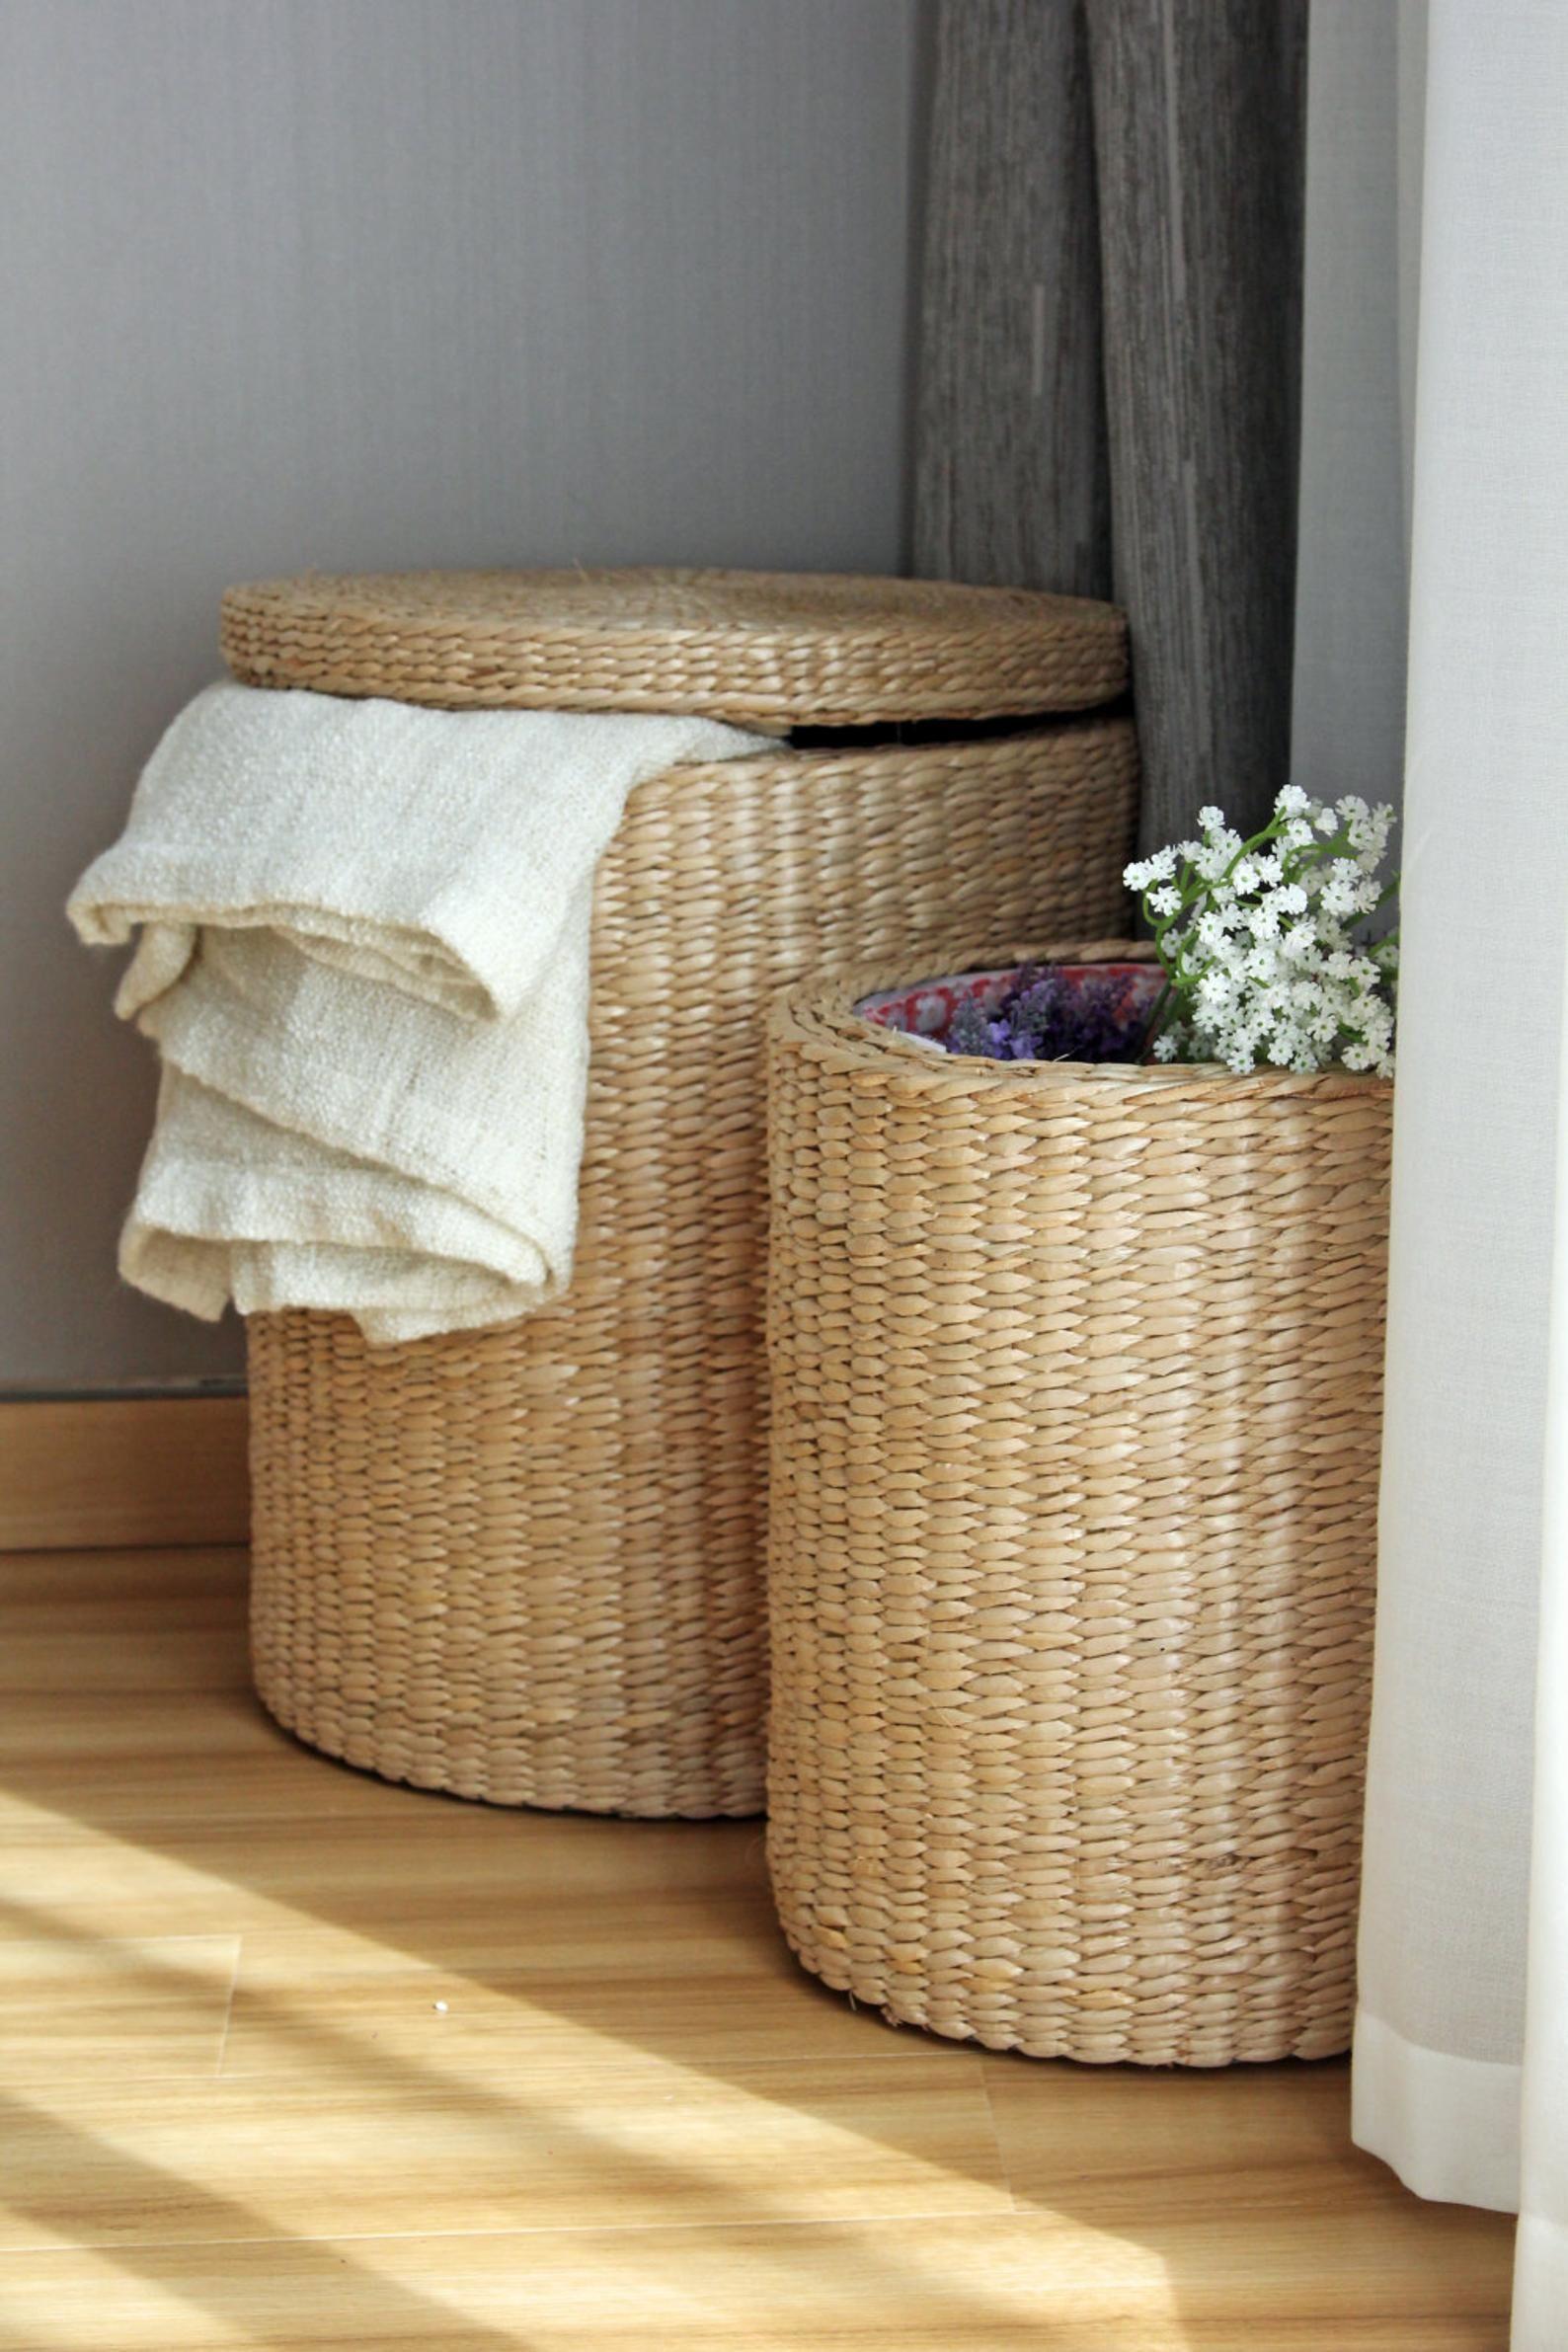 Handwoven Round Laundry Hamper Storage Basket Straw Basket Storage